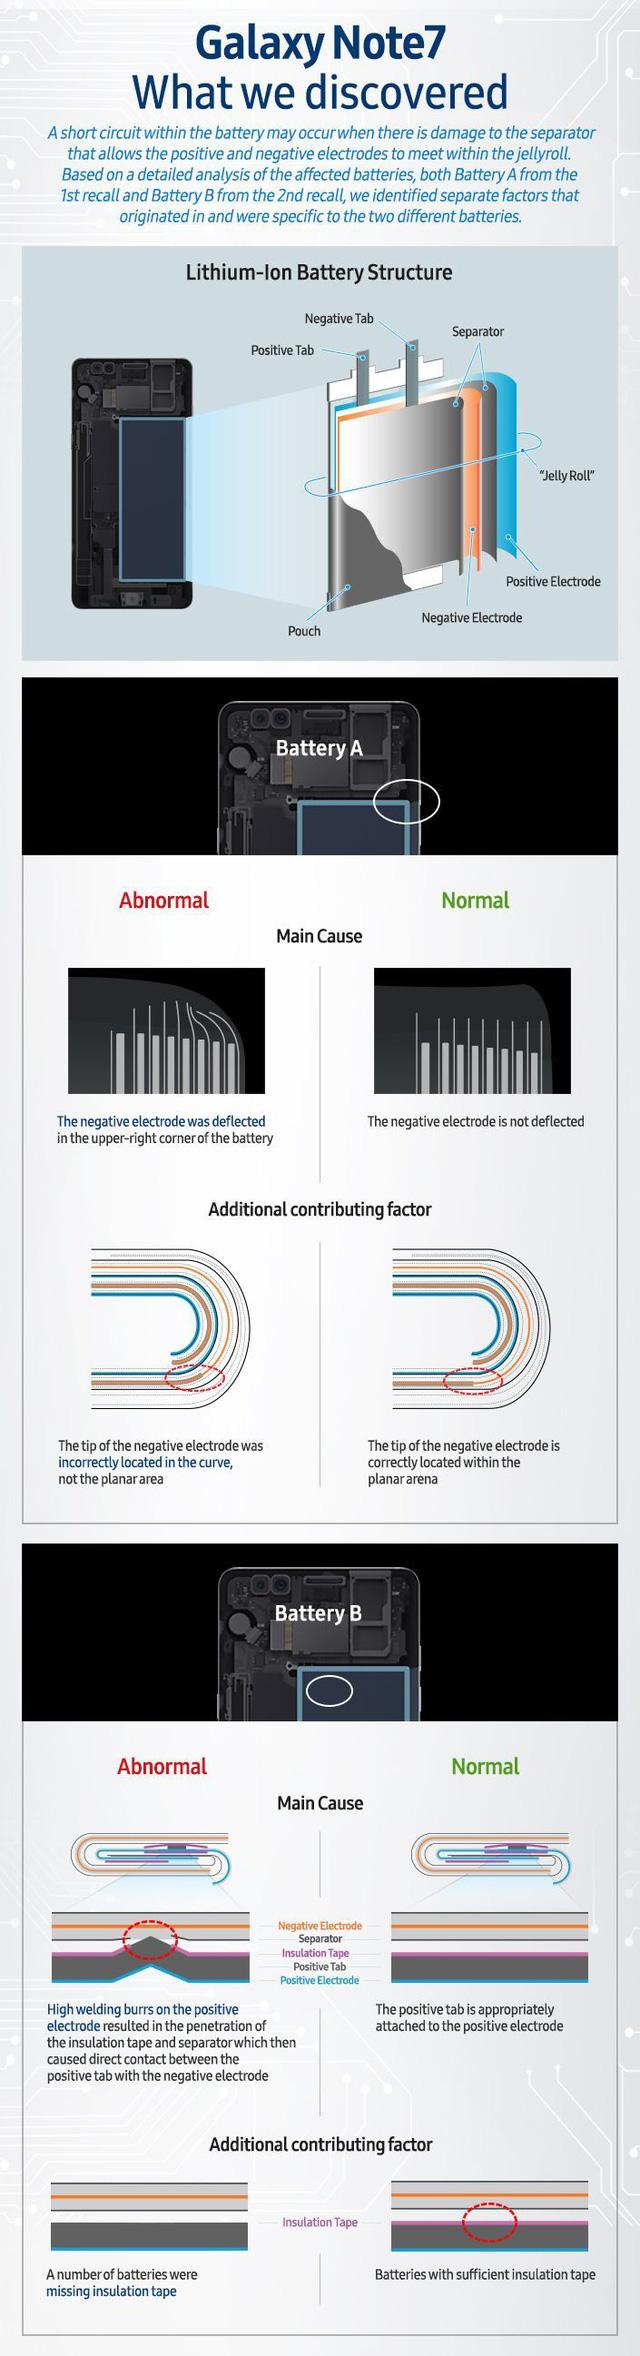 Nguyên nhân khiến Galaxy Note7 phát nổ chính thức được công bố - Ảnh 1.